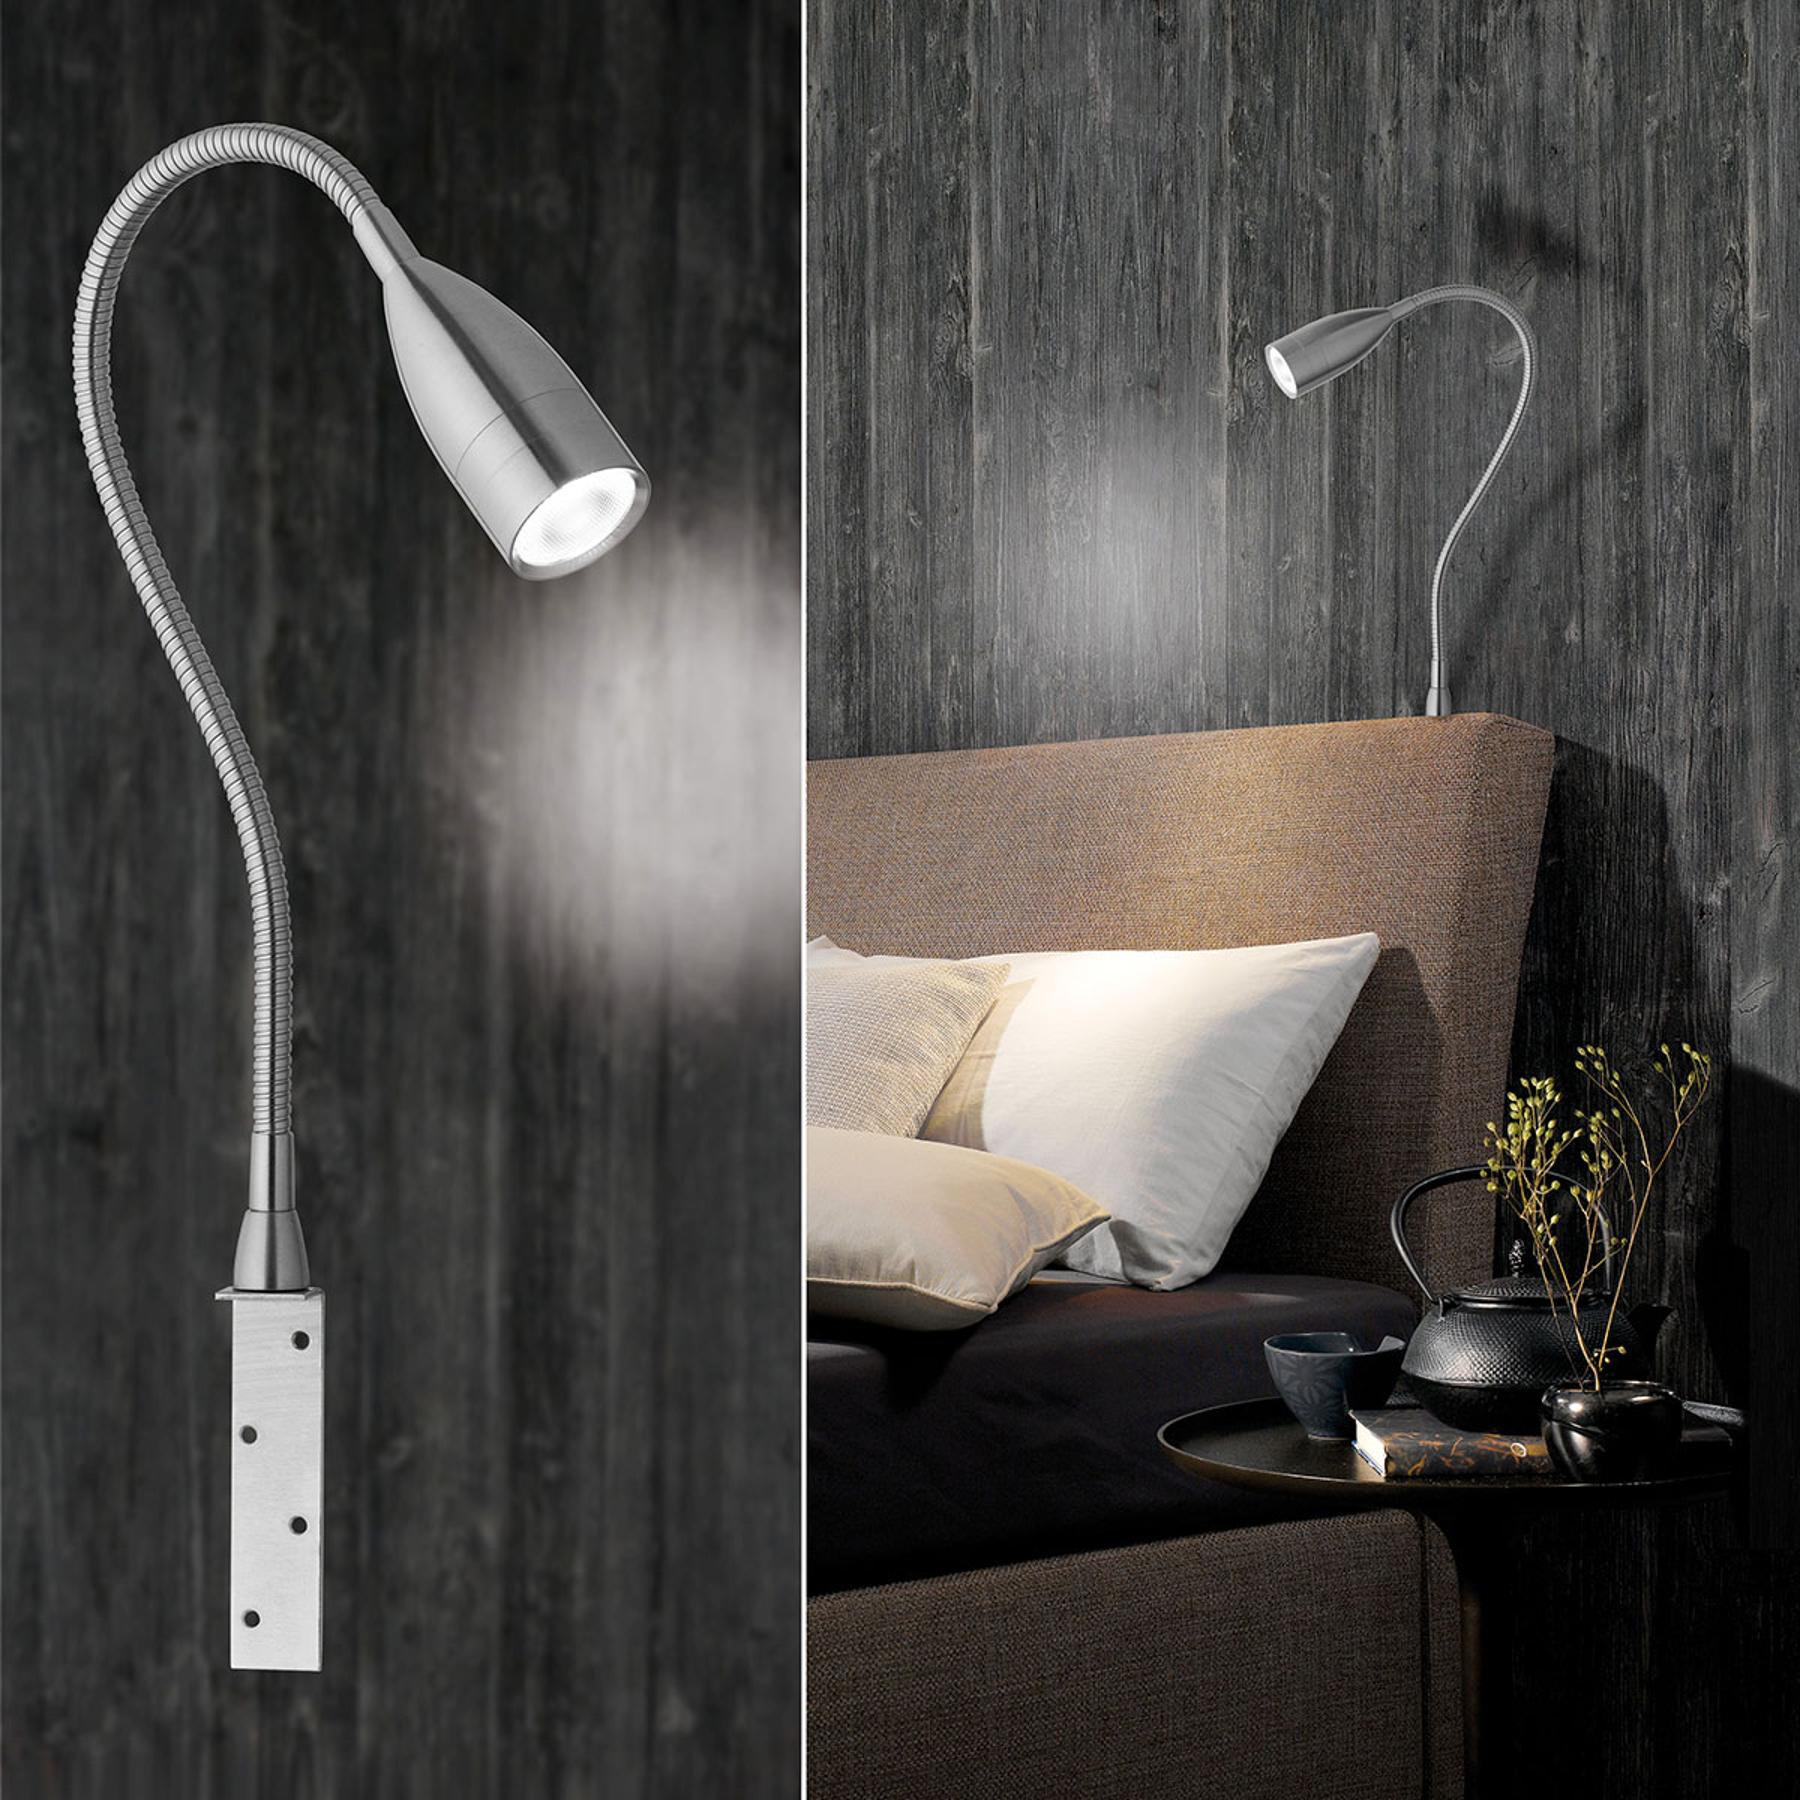 LED wandlamp Sten dimbaar met gebaarregeling